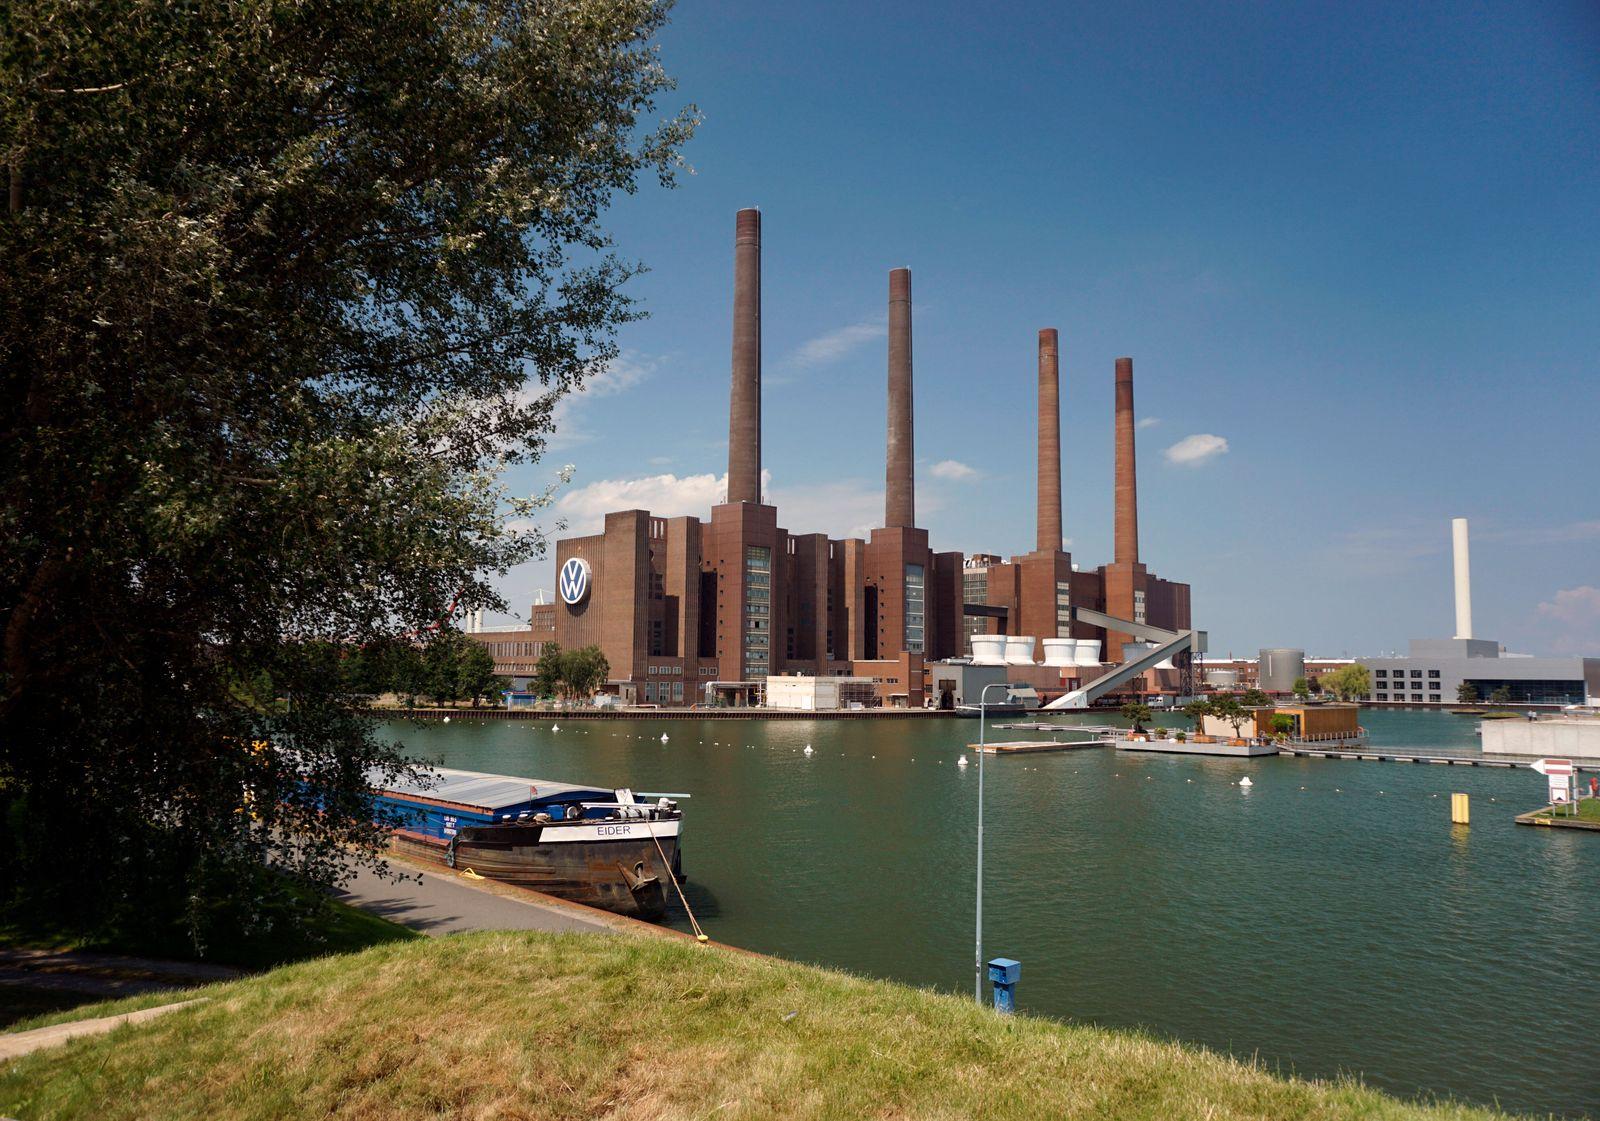 16.07.2020, Wolfsburg in Niedersachsen, VW-Werk am Elbe-Seitenkanal. 16.07.2020, Wolfsburg 16.07.2020, Wolfsburg *** 16